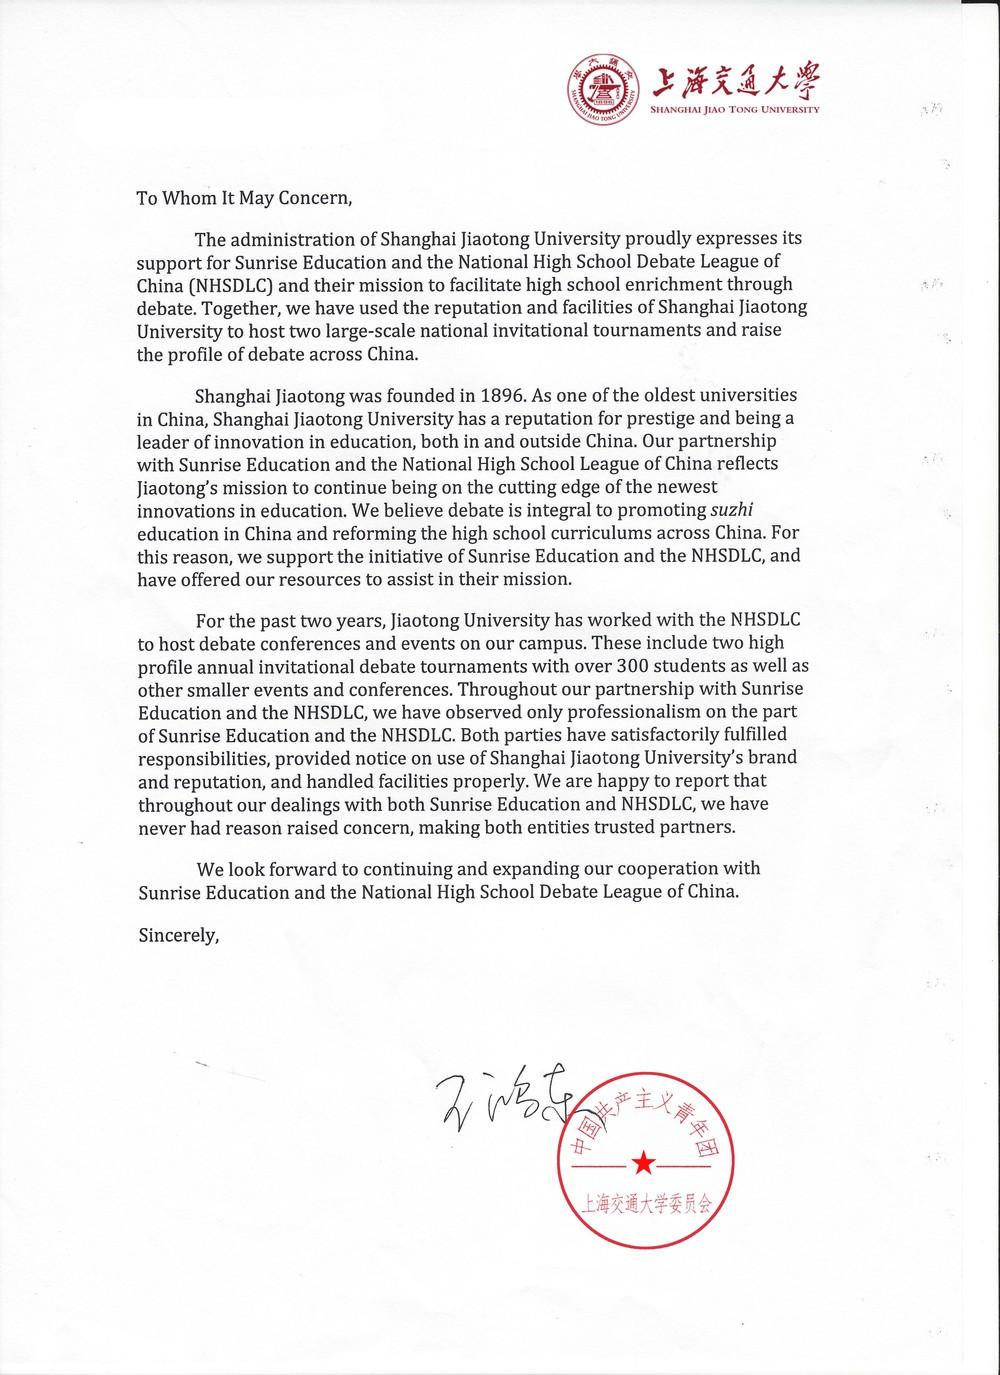 SJTU Letter.jpg